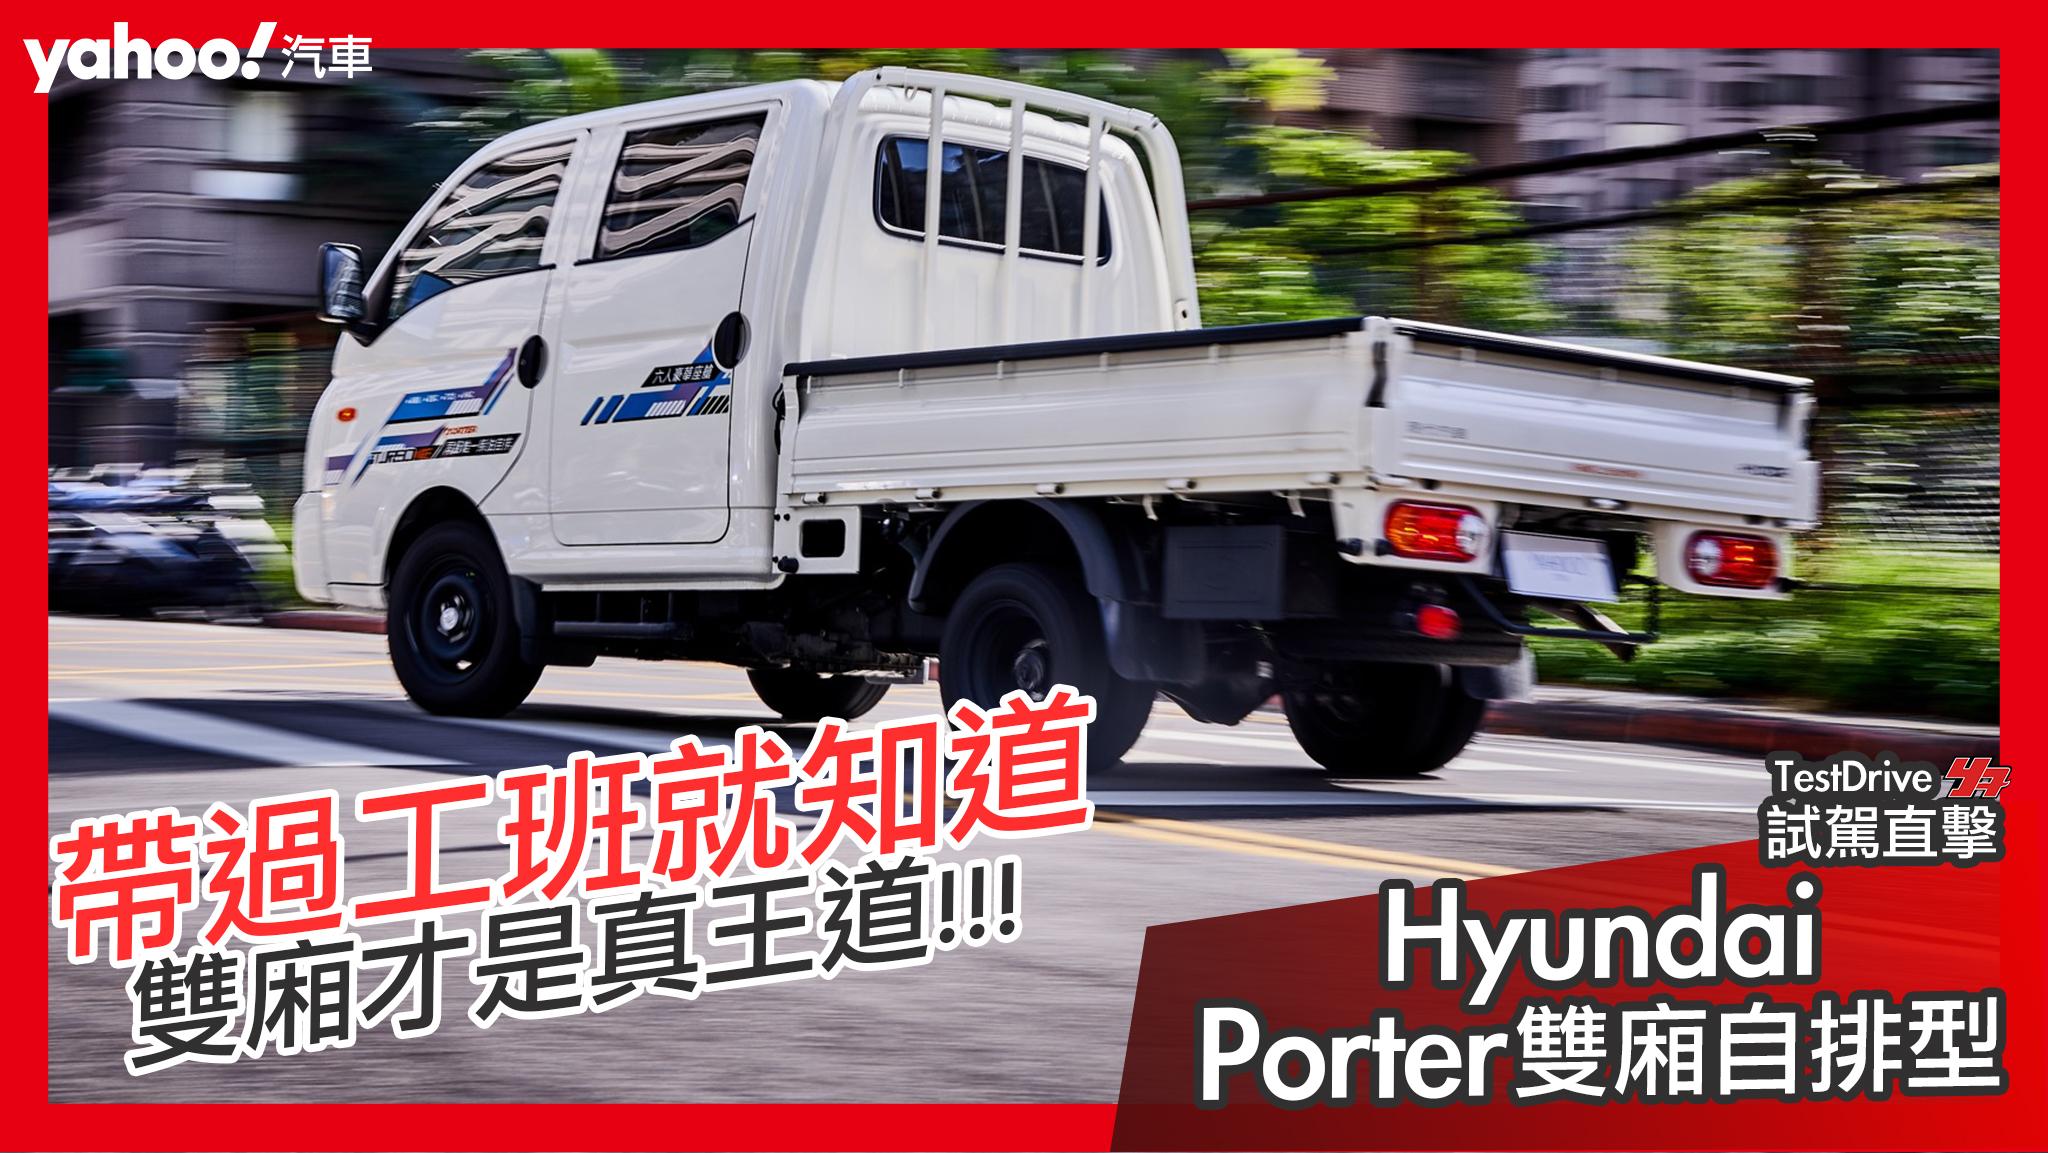 【試駕直擊】兩排椅的好、帶過工班就知道!Hyundai Porter小霸王雙廂車型試駕!